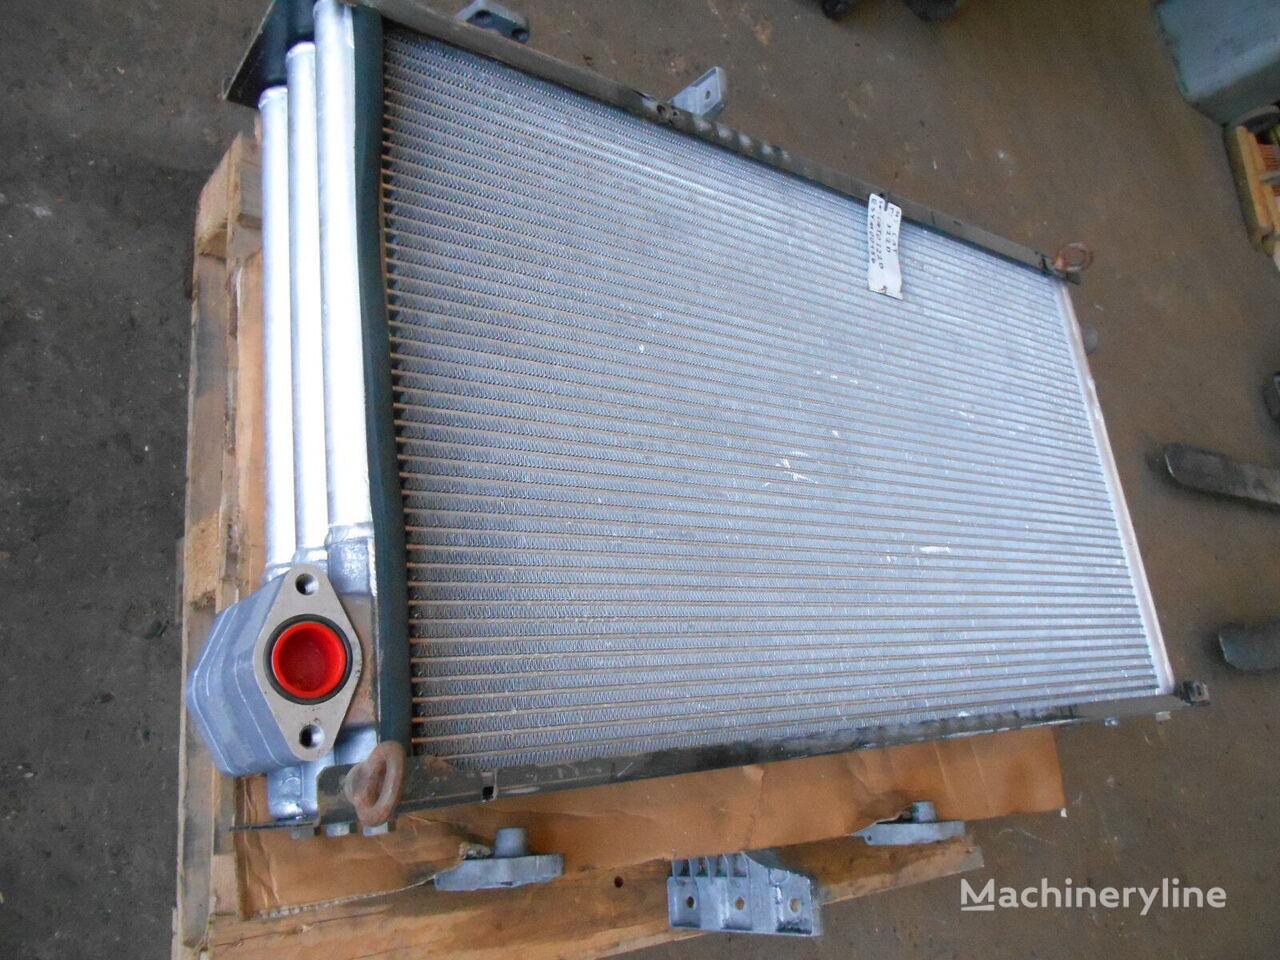 CATERPILLAR motorkoeling radiator voor CATERPILLAR 322D graafmachine